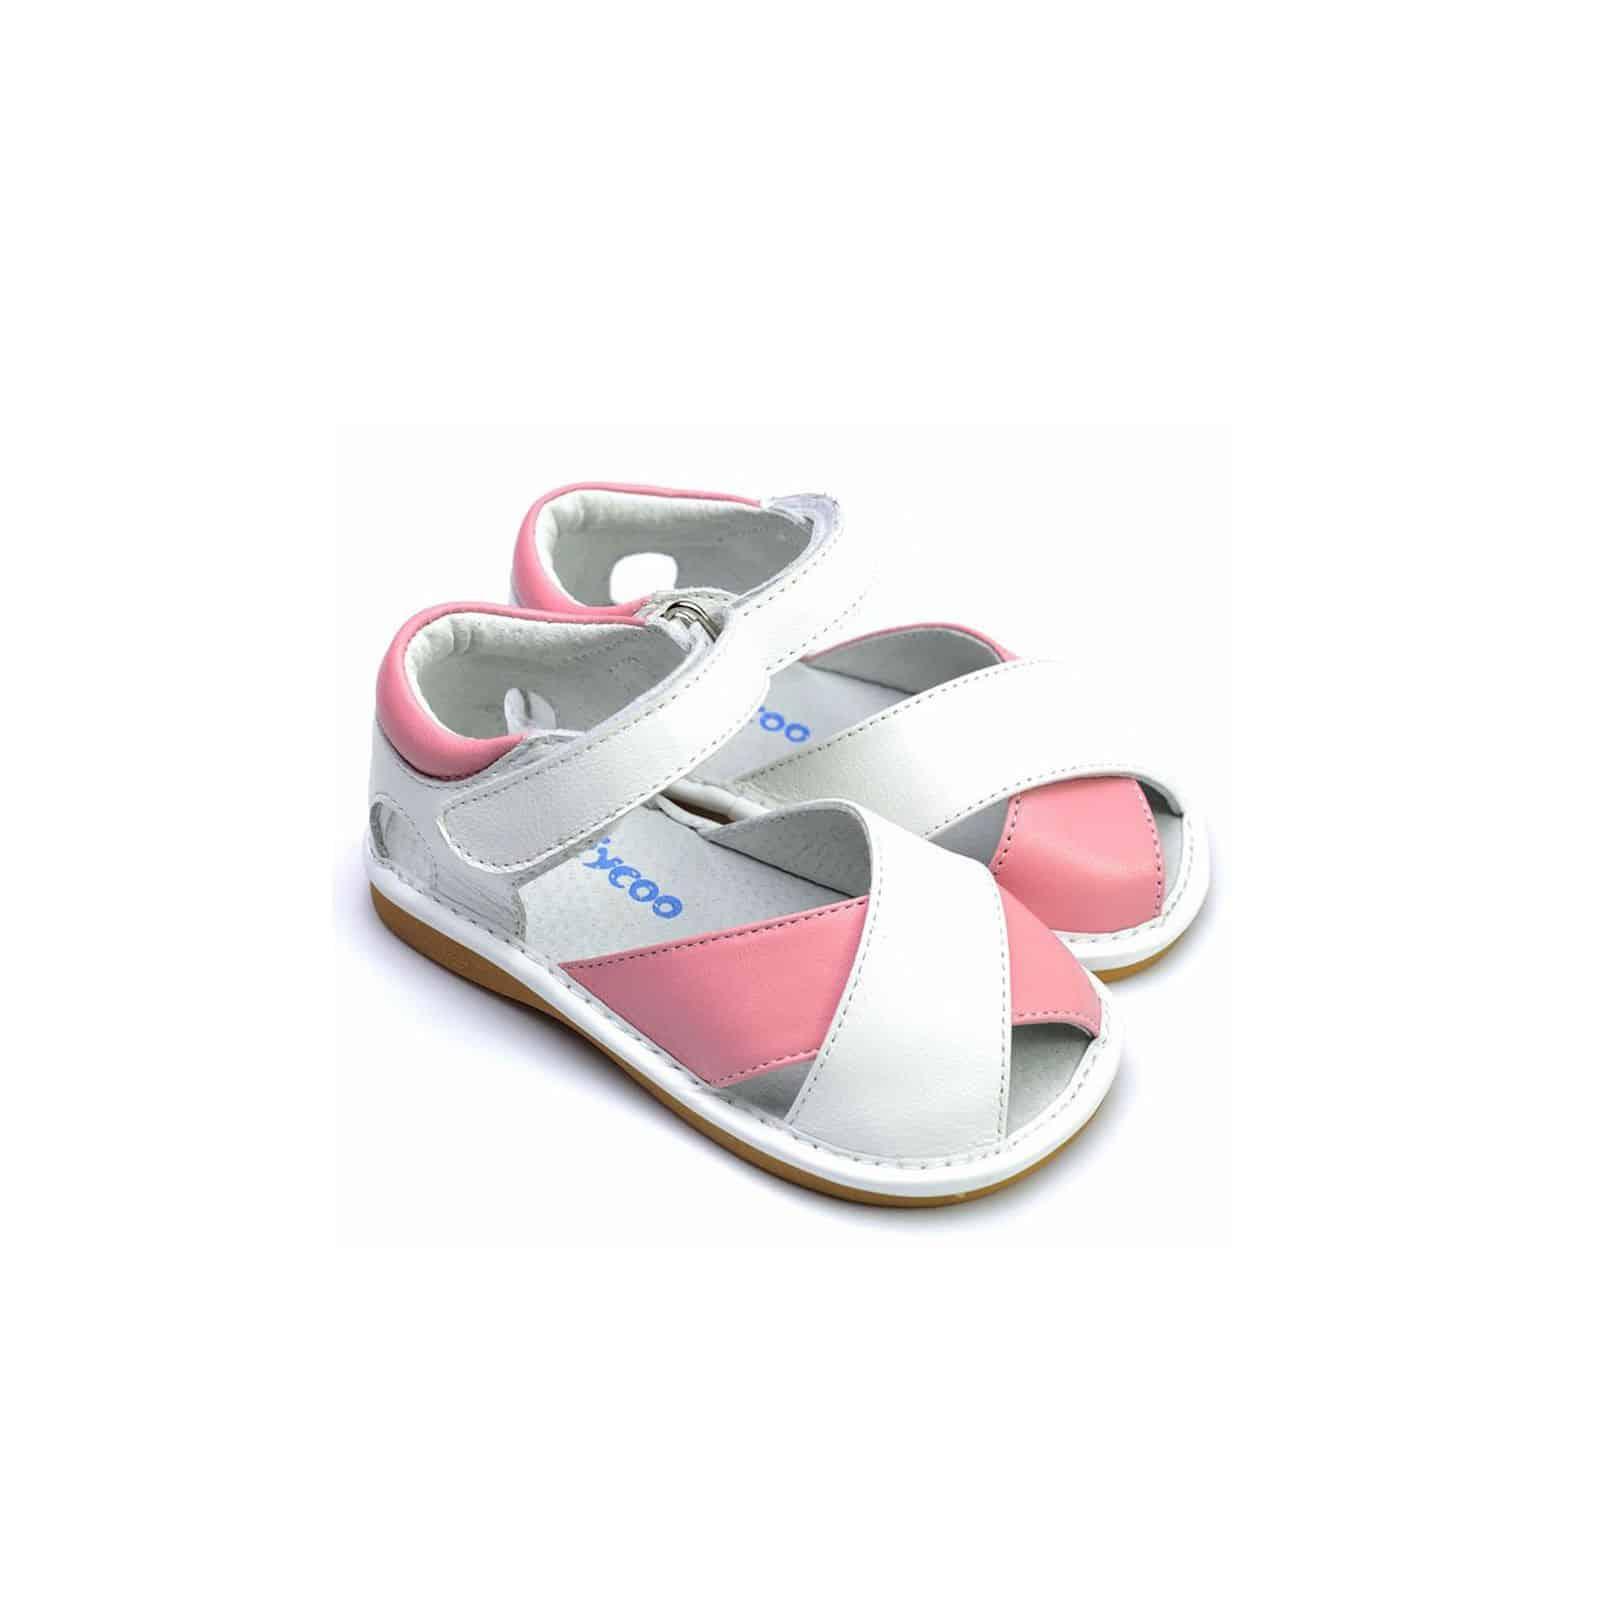 Chaussures Chaussures Semelle Souple Sandales Semelle xdoeCB